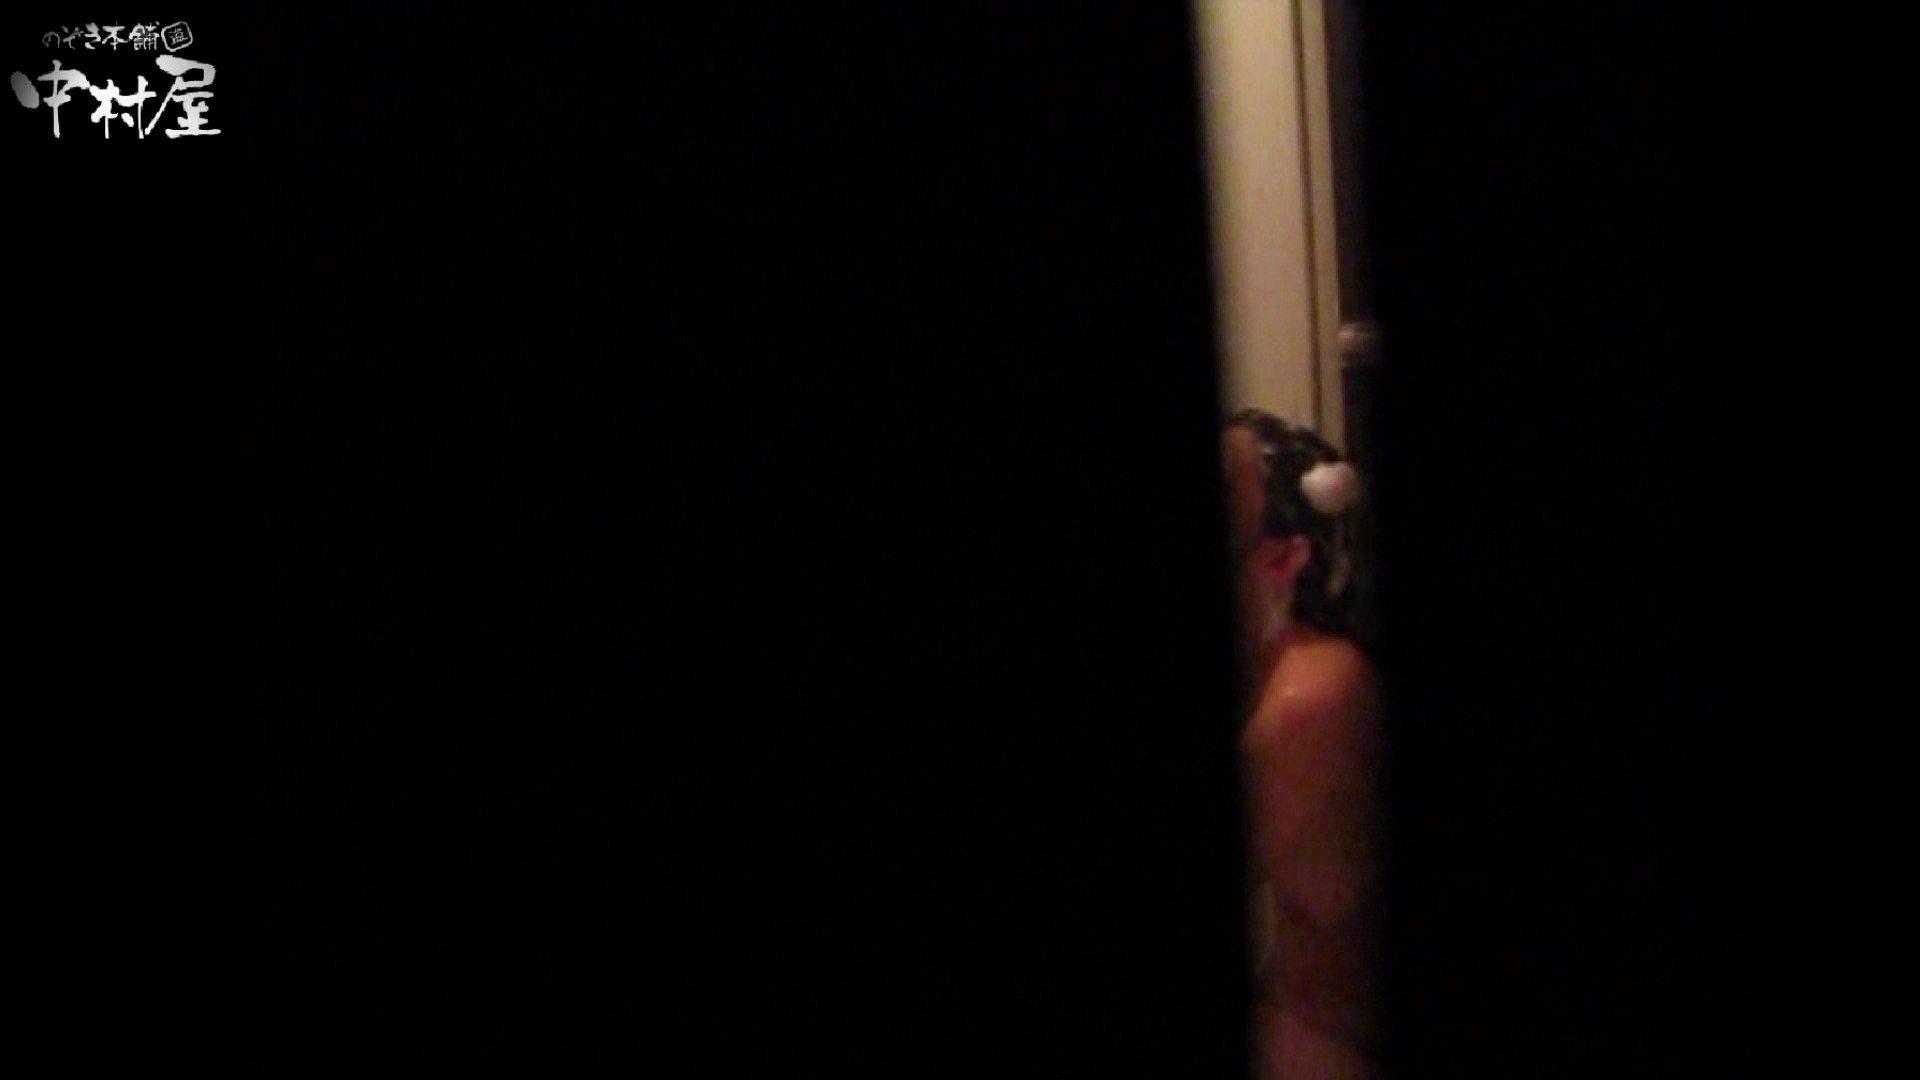 民家風呂専門盗撮師の超危険映像 vol.004 民家   美少女ヌード  80pic 28